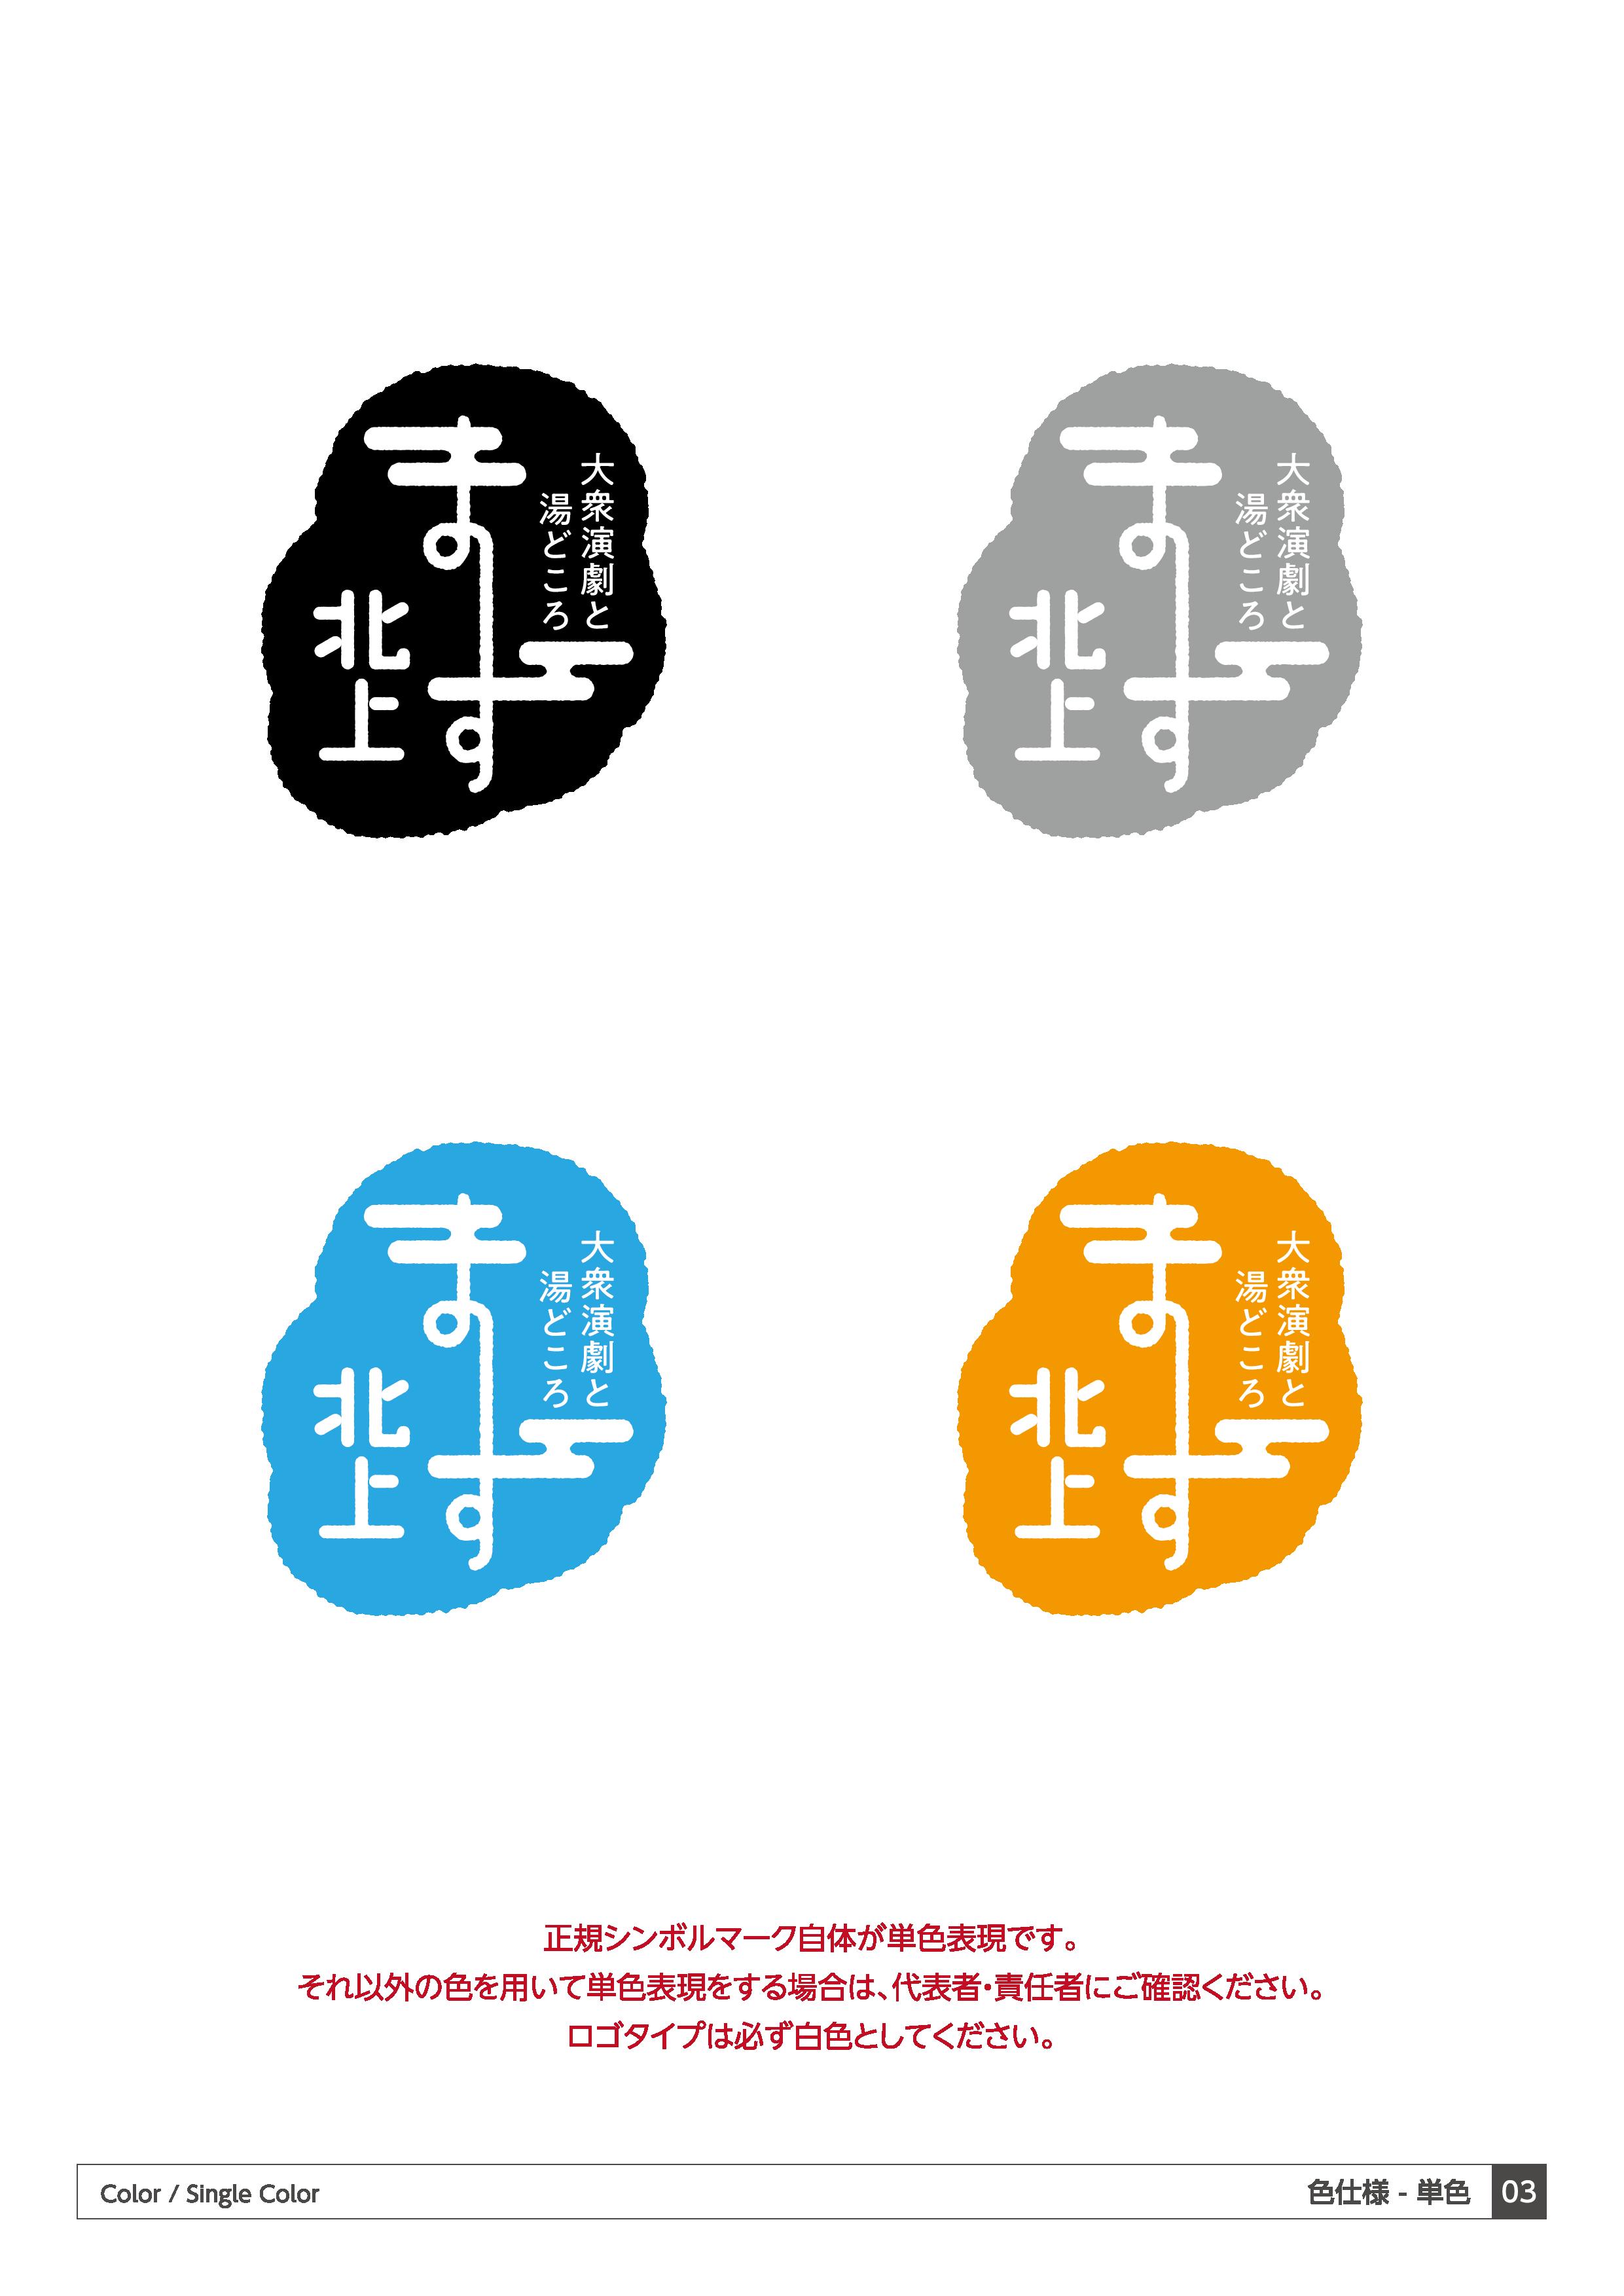 大衆演劇と湯どころ まーす北上 ロゴマークデザイン05